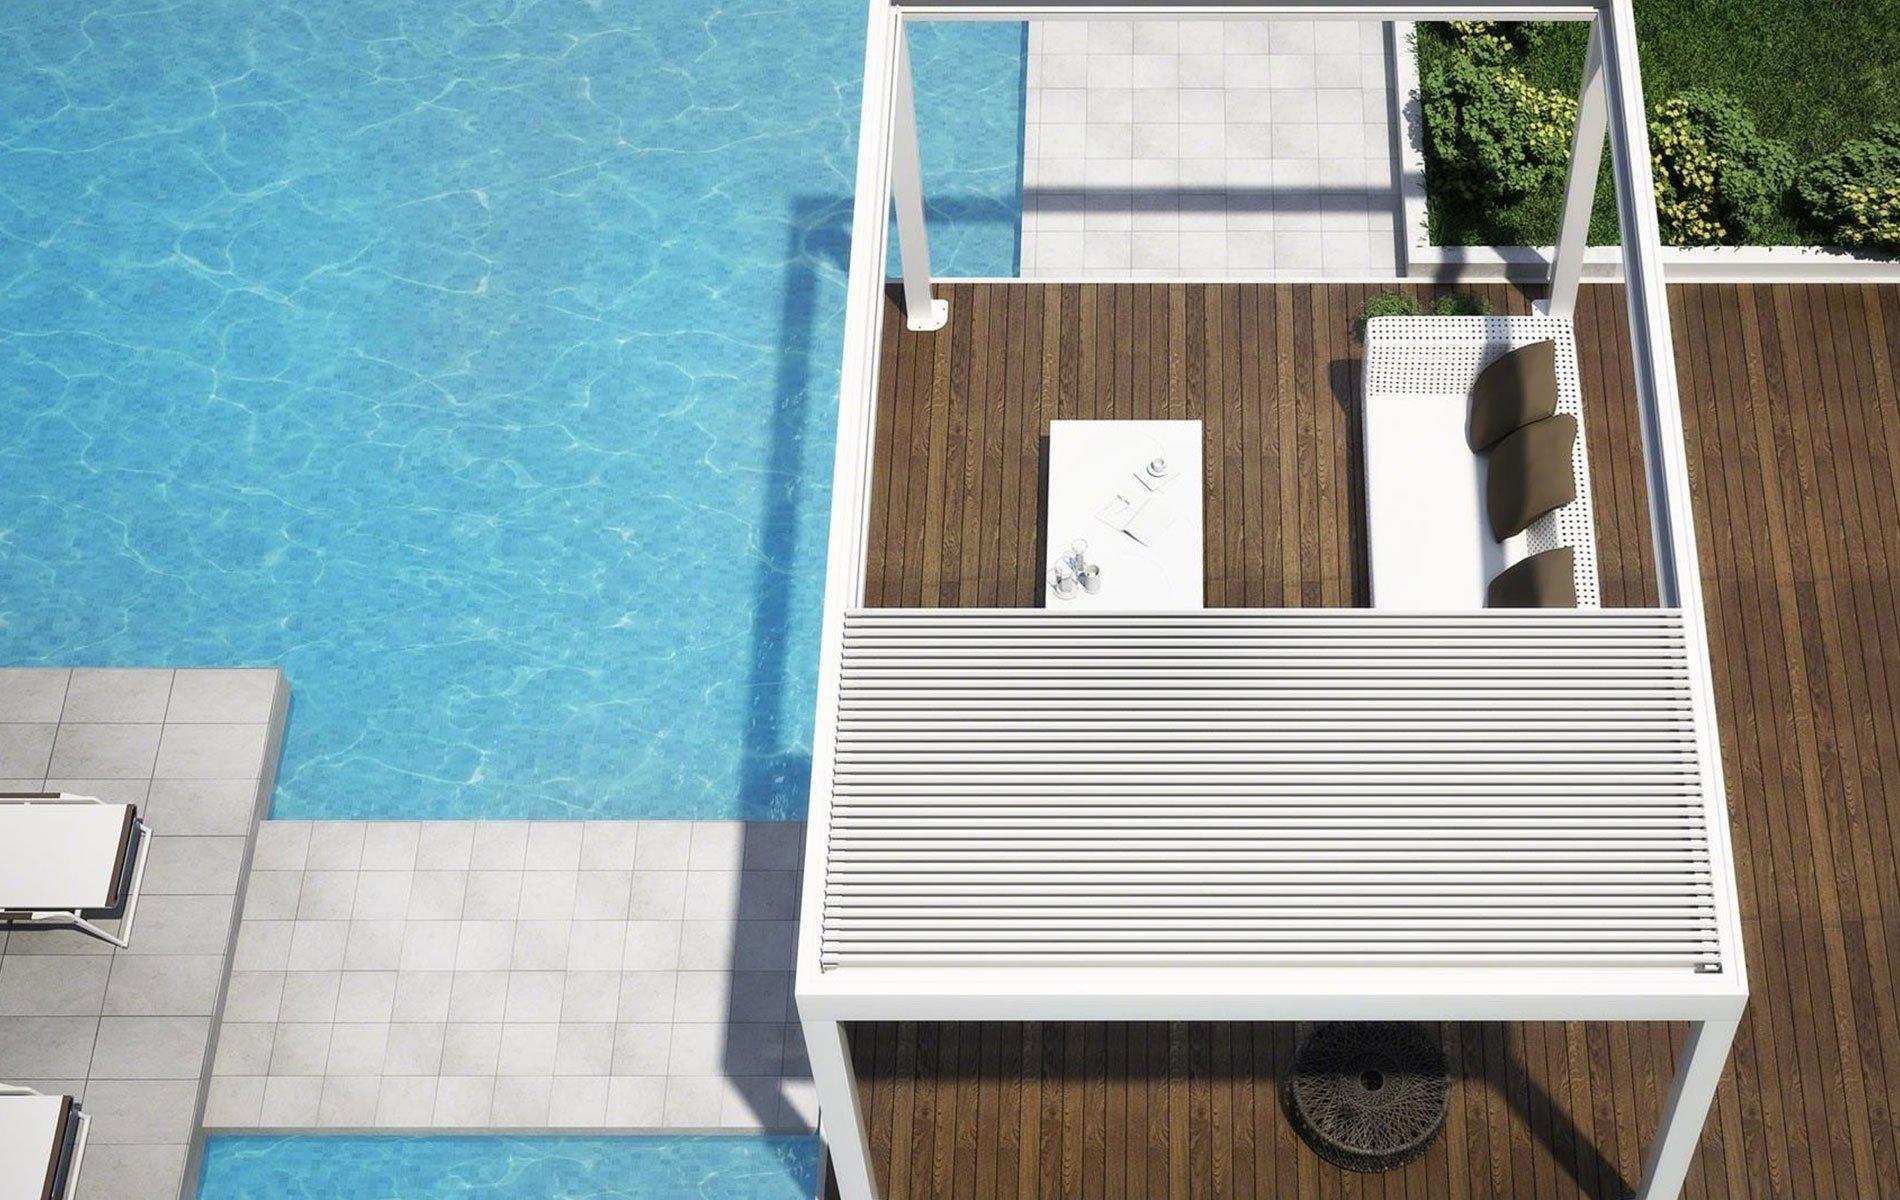 una piscina e un gazebo con un divano